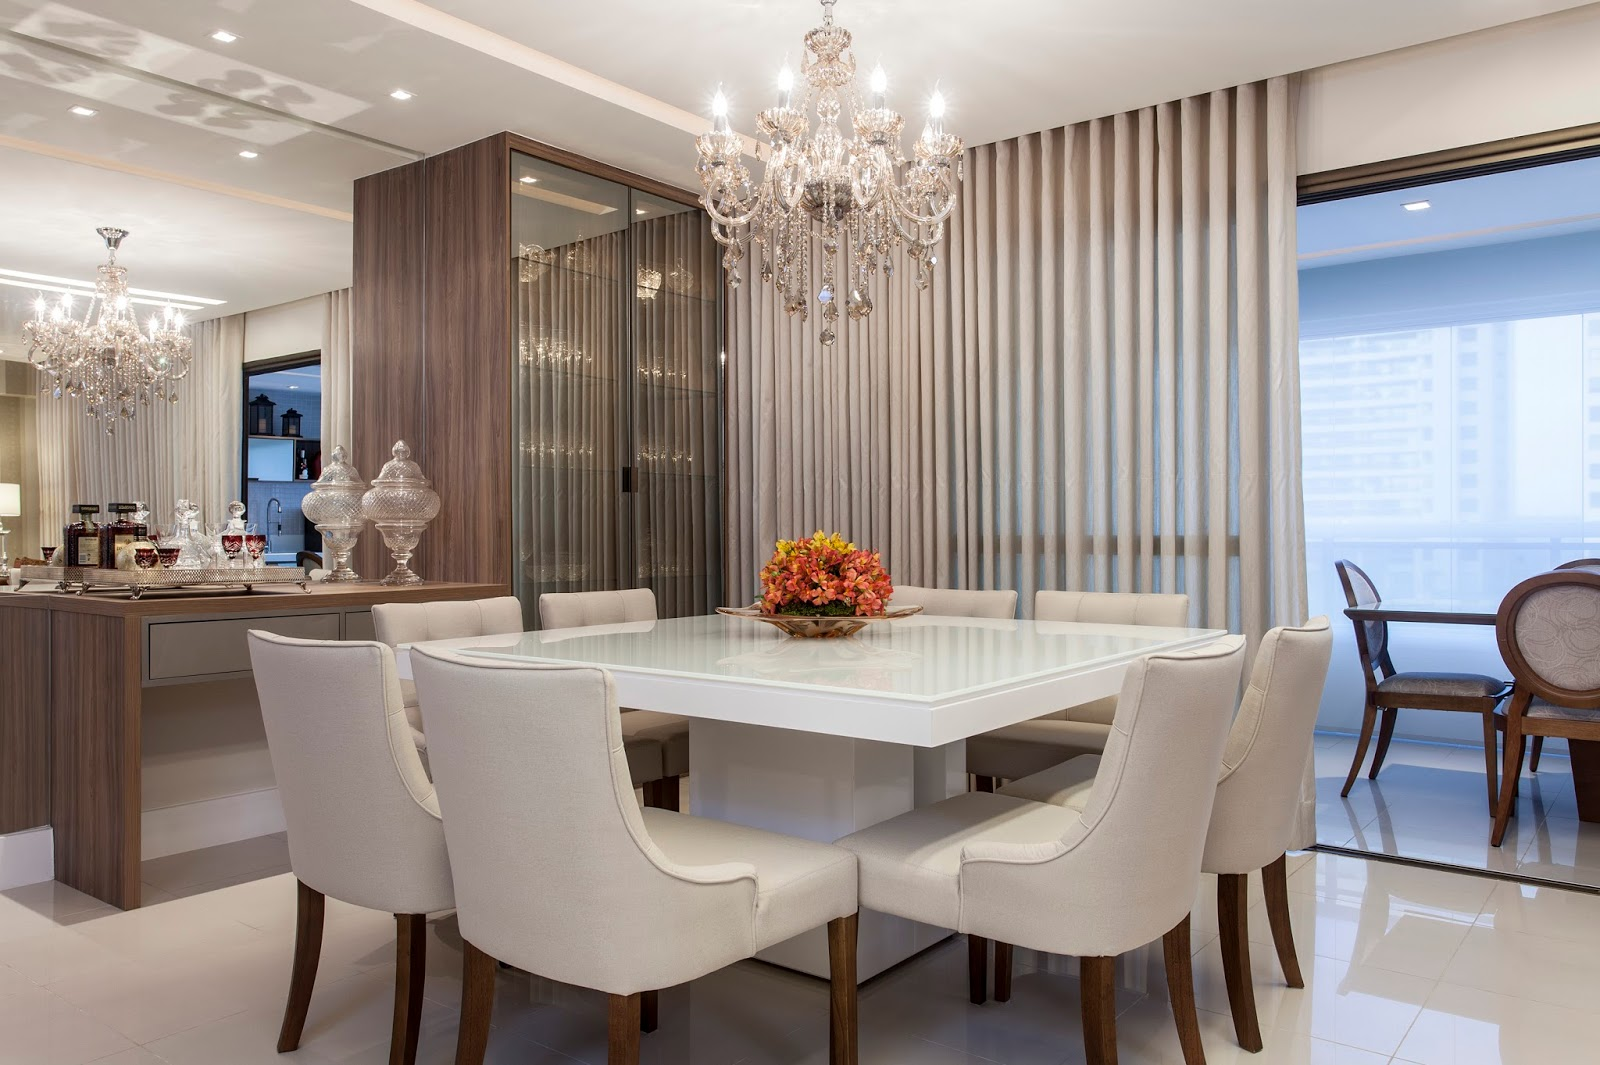 Construindo Minha Casa Clean 23 Salas De Jantar Com Lustres  -> Sala De Jantar Com Painel De Madeira E Espelho